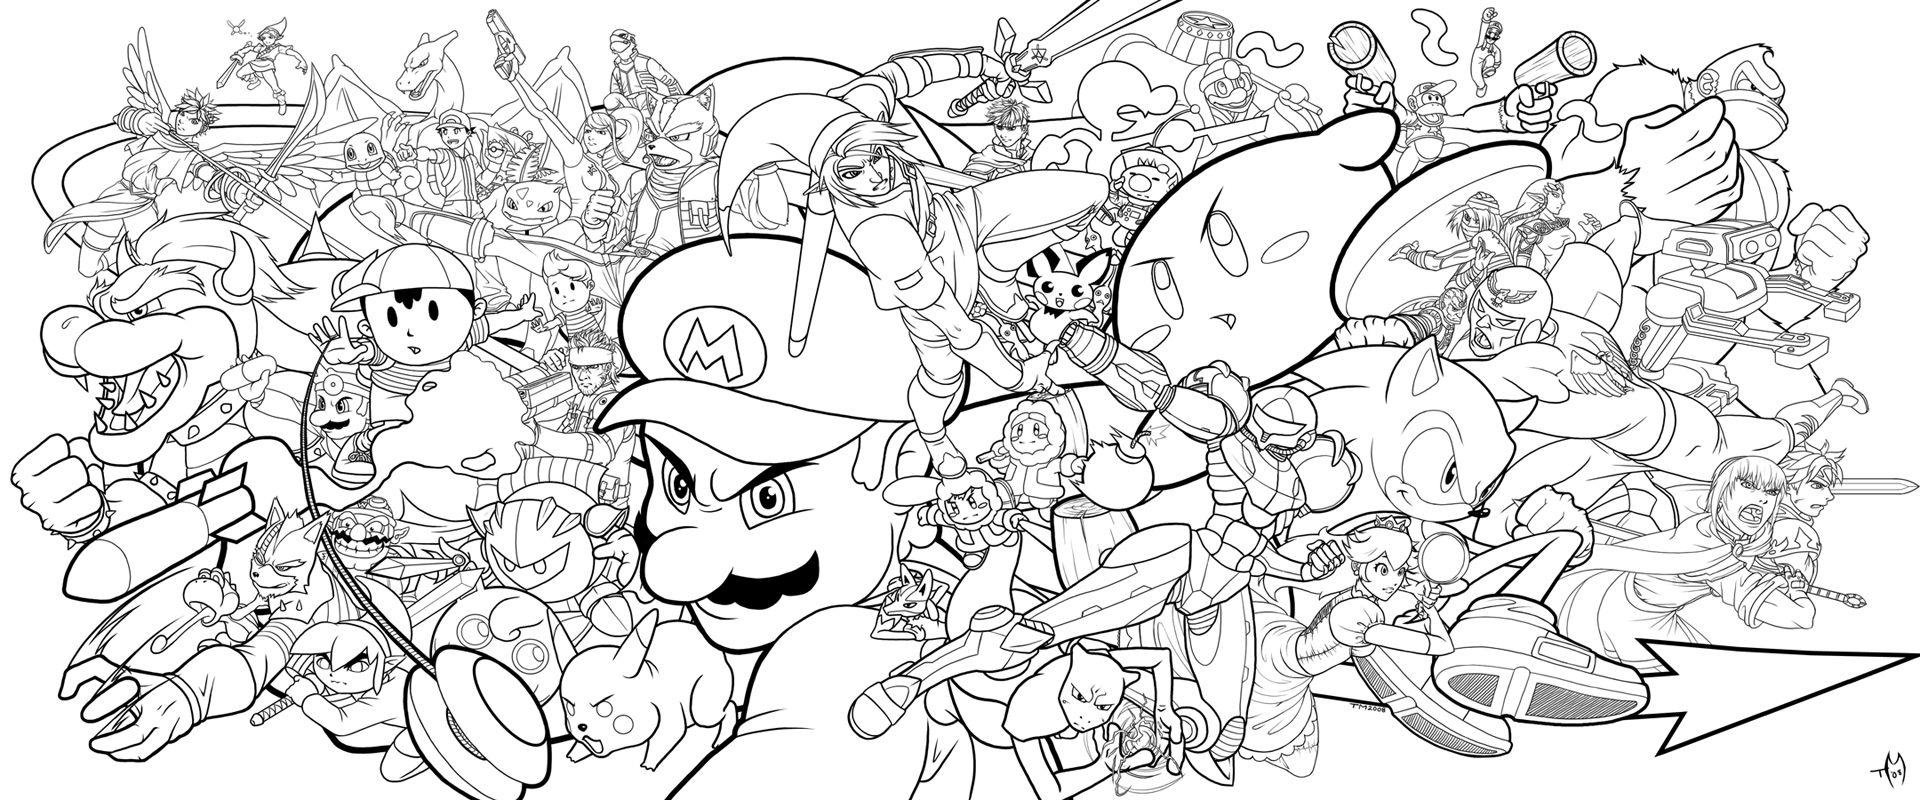 Erfreut Super Smash Bros Druckbare Malvorlagen Fotos - Malvorlagen ...